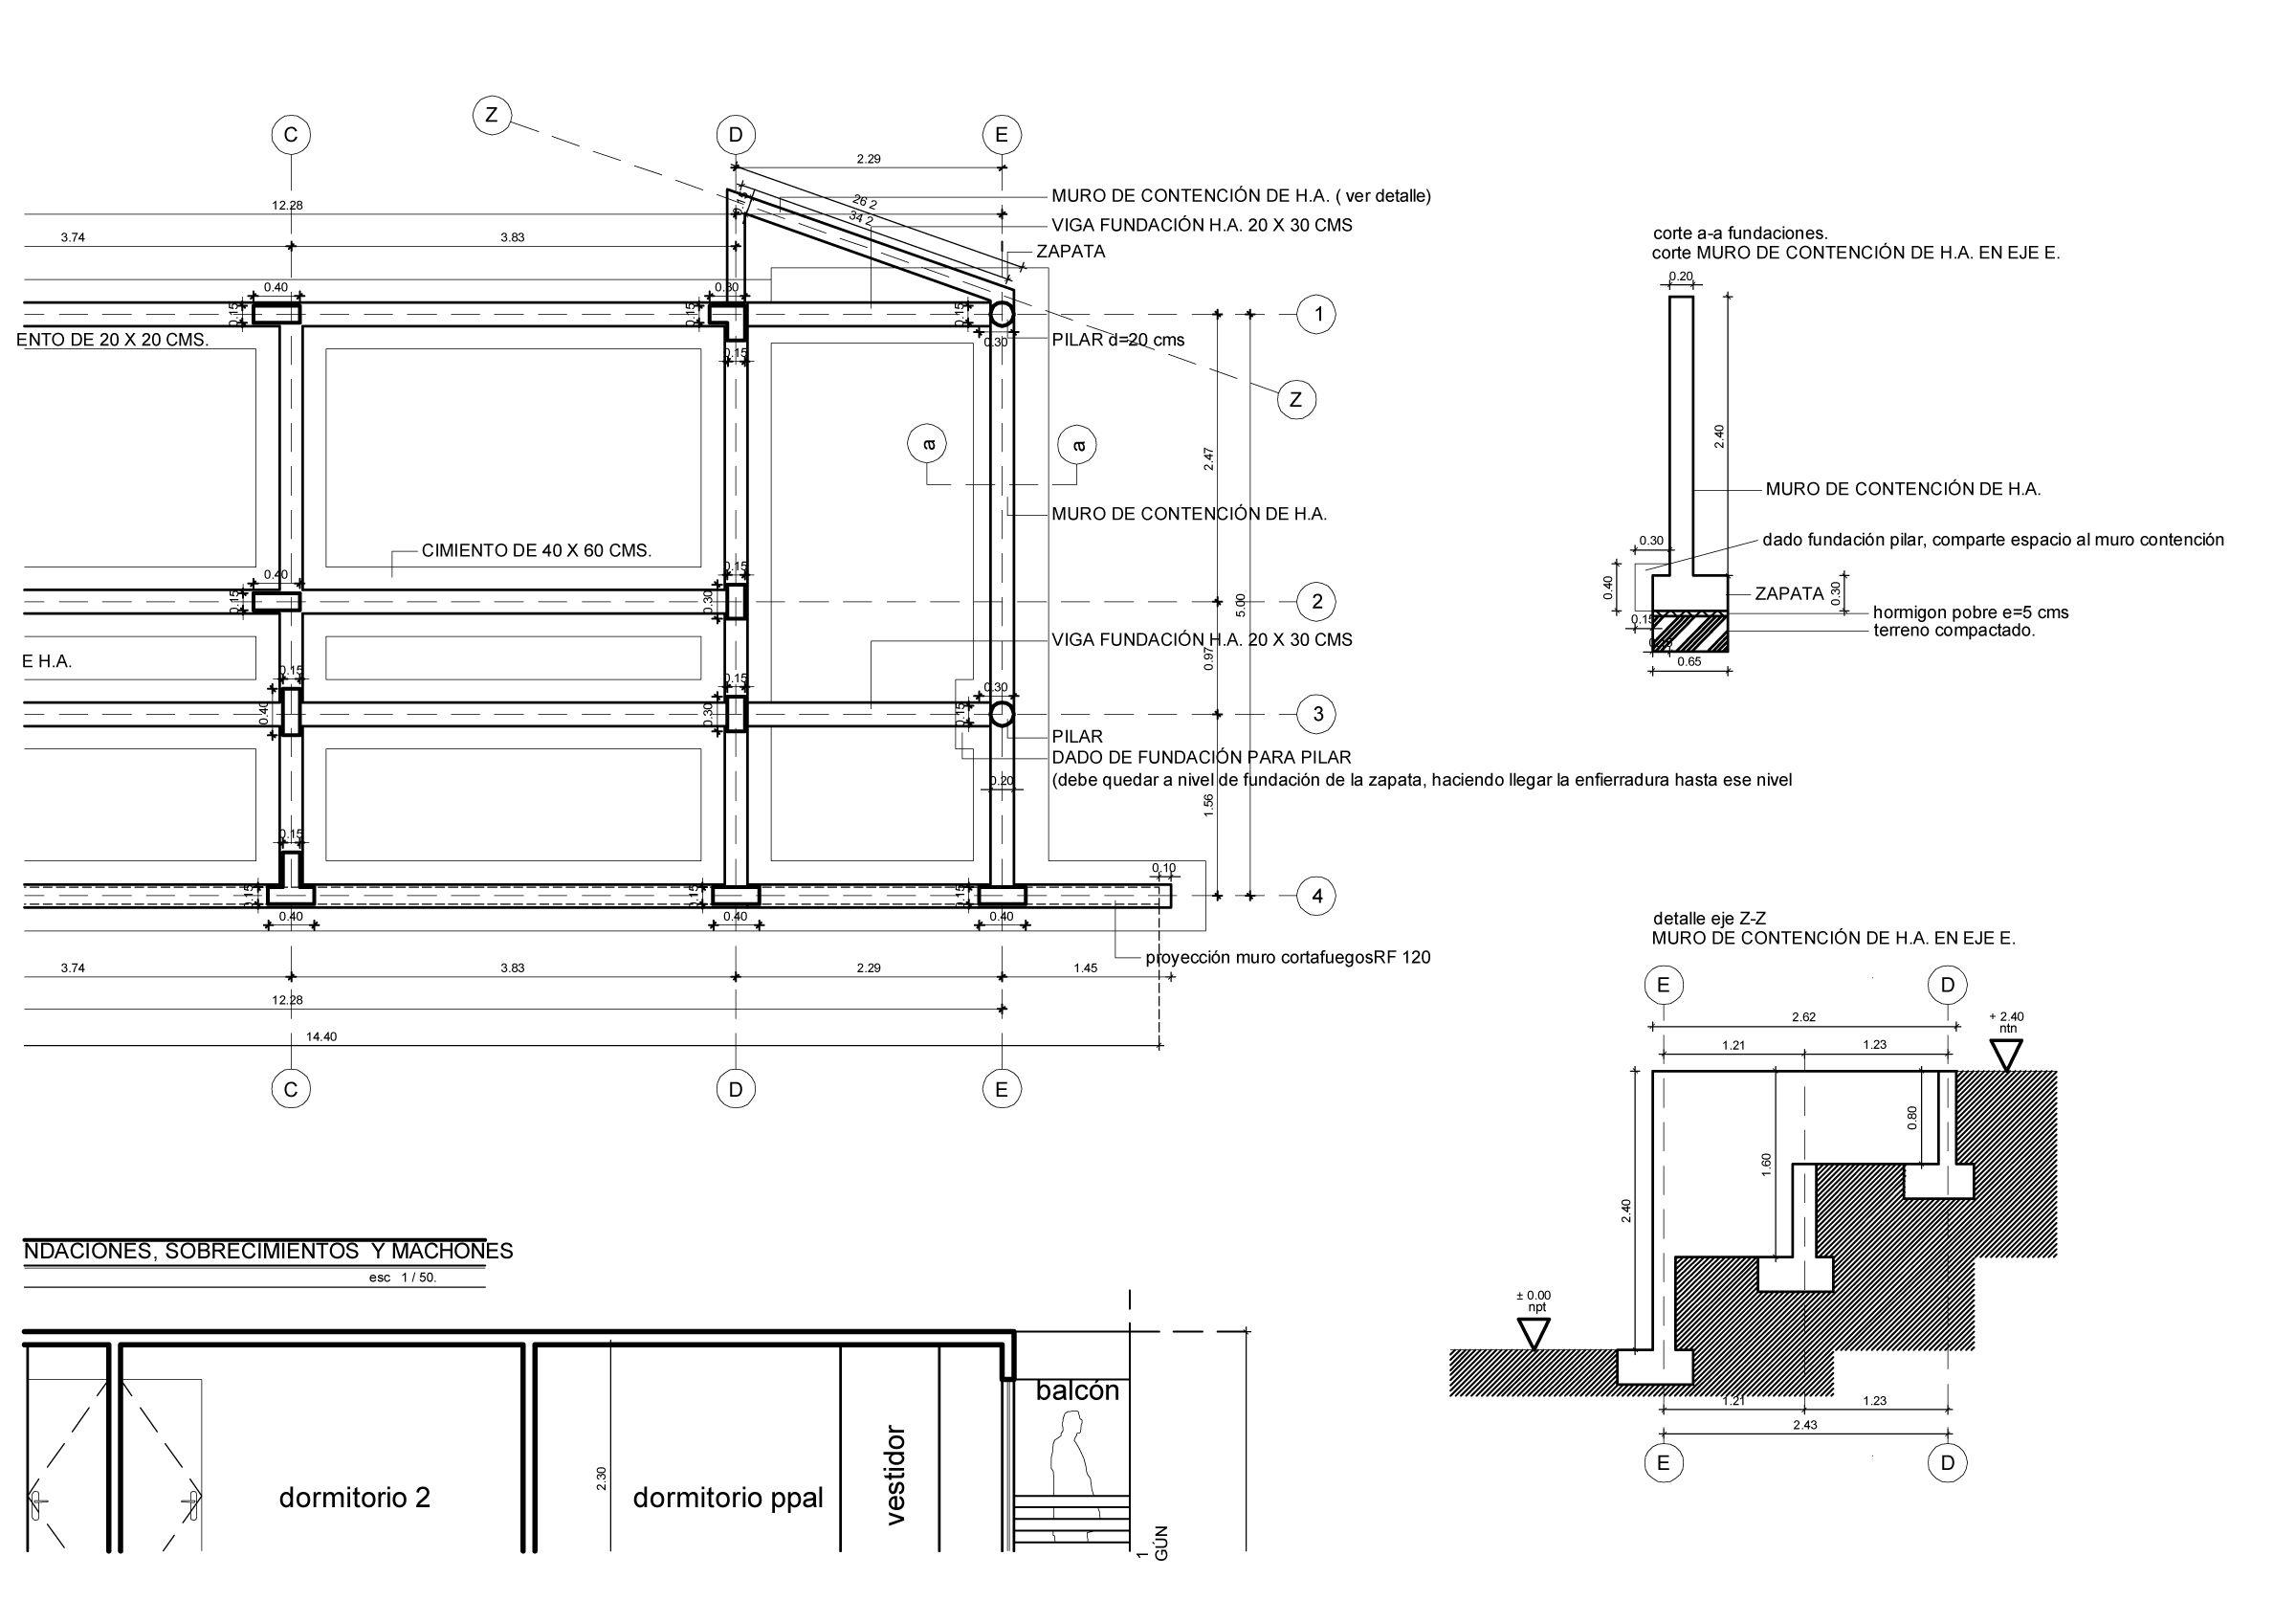 Plano de estructuras para dise o vivienda unifamiliar de 2 - Planos de viviendas ...